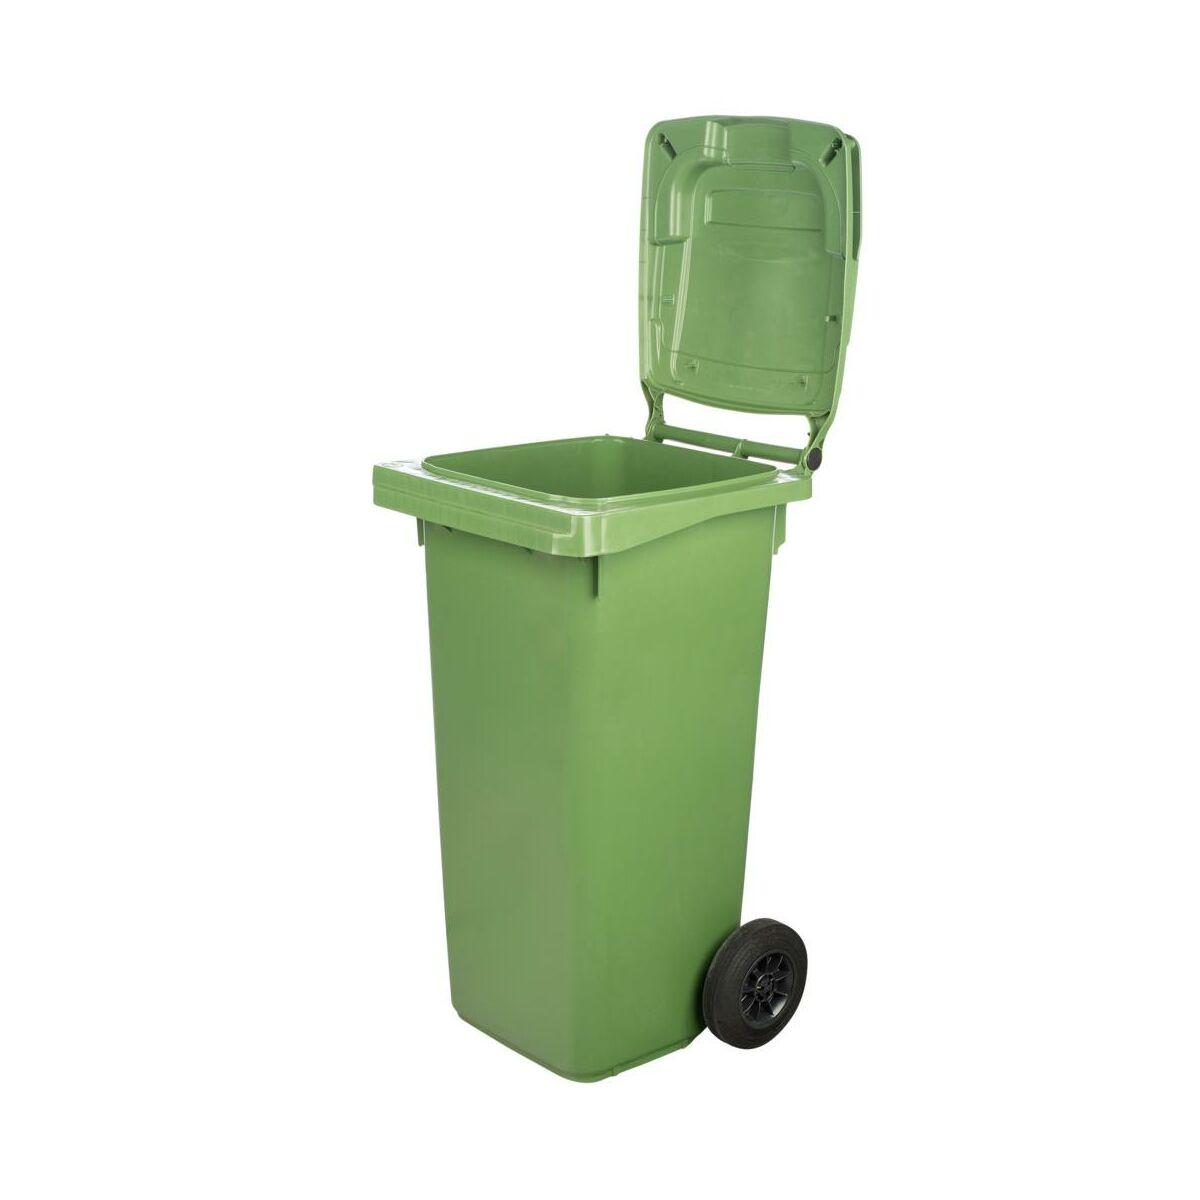 Bardzo dobra Pojemnik na odpady MGB 120L ESE - Kosze na śmieci, pojemniki na DR64